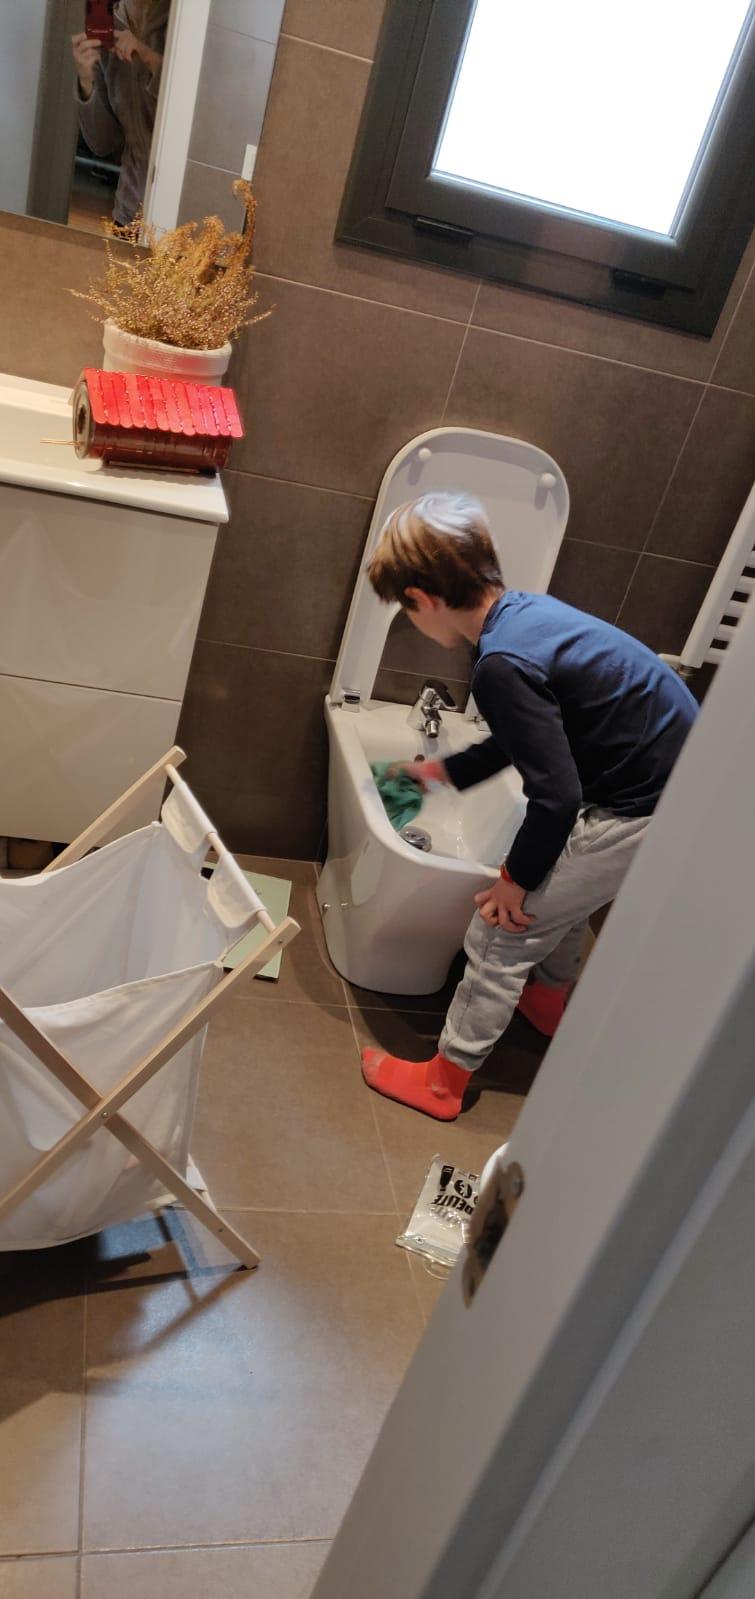 Ajudant en les tasques de neteja de casa.